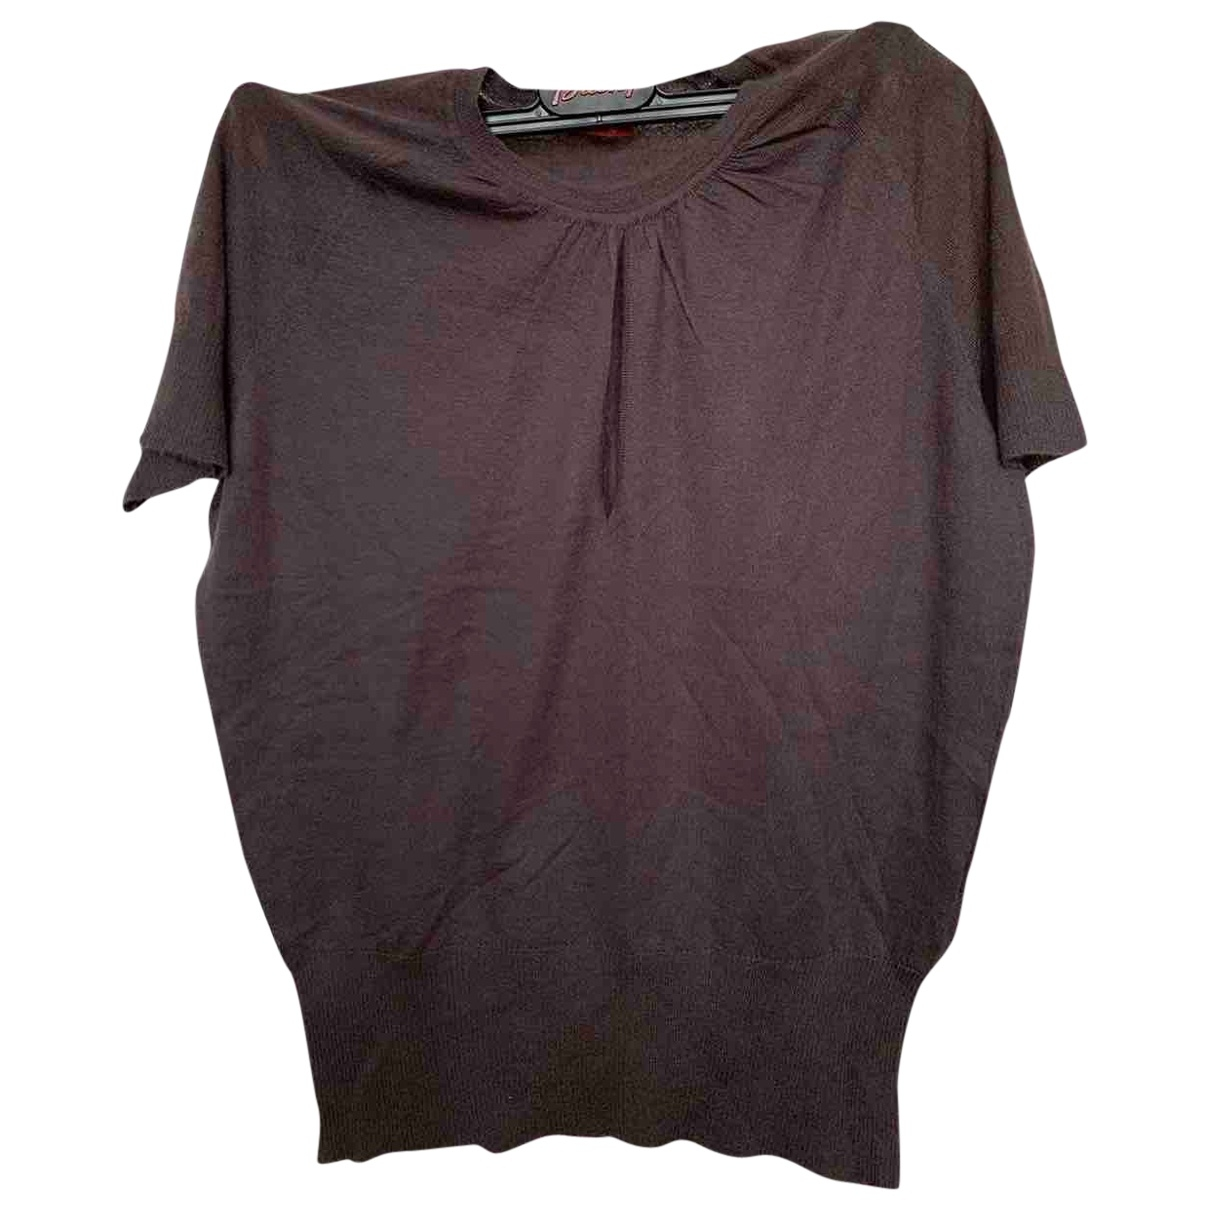 Brioni - Top   pour femme en cachemire - marron